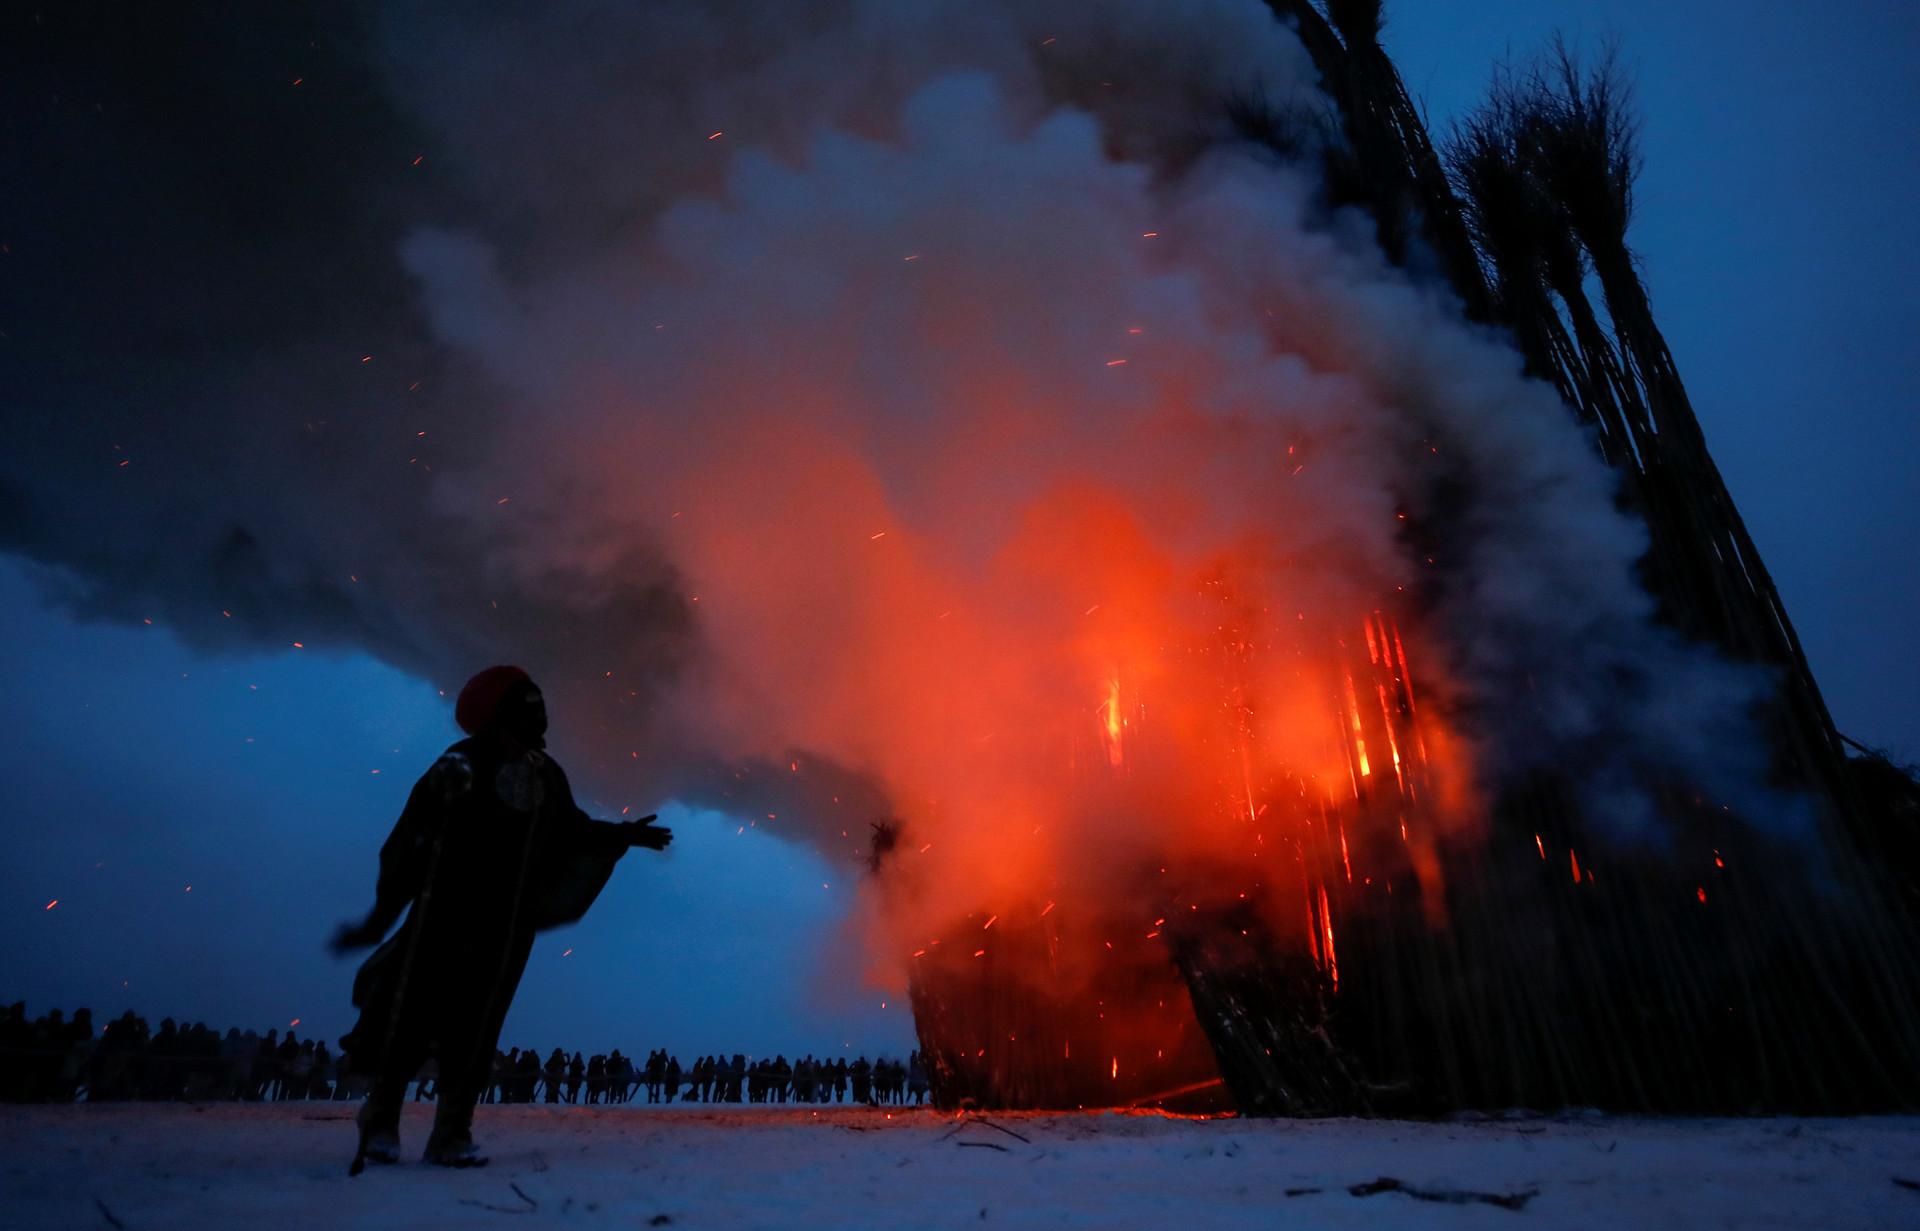 Catedral em chamas não foi bem-recebida por todos os setores da sociedade